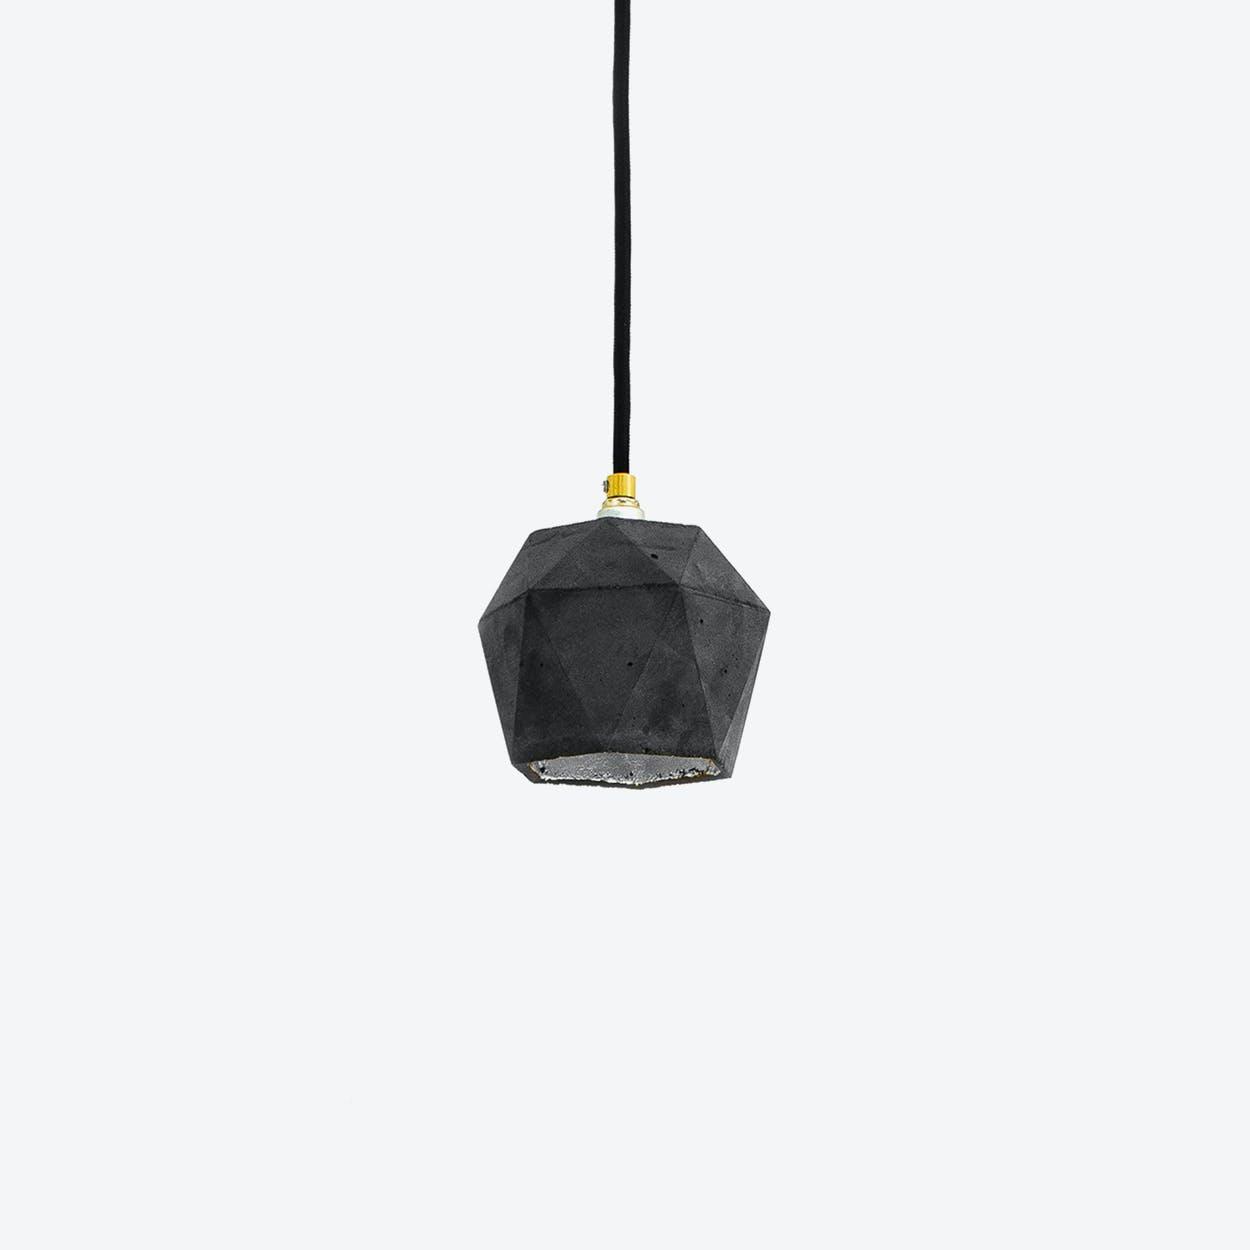 Concrete Pendant Light Triangle Small T2 in Dark Grey and Silver